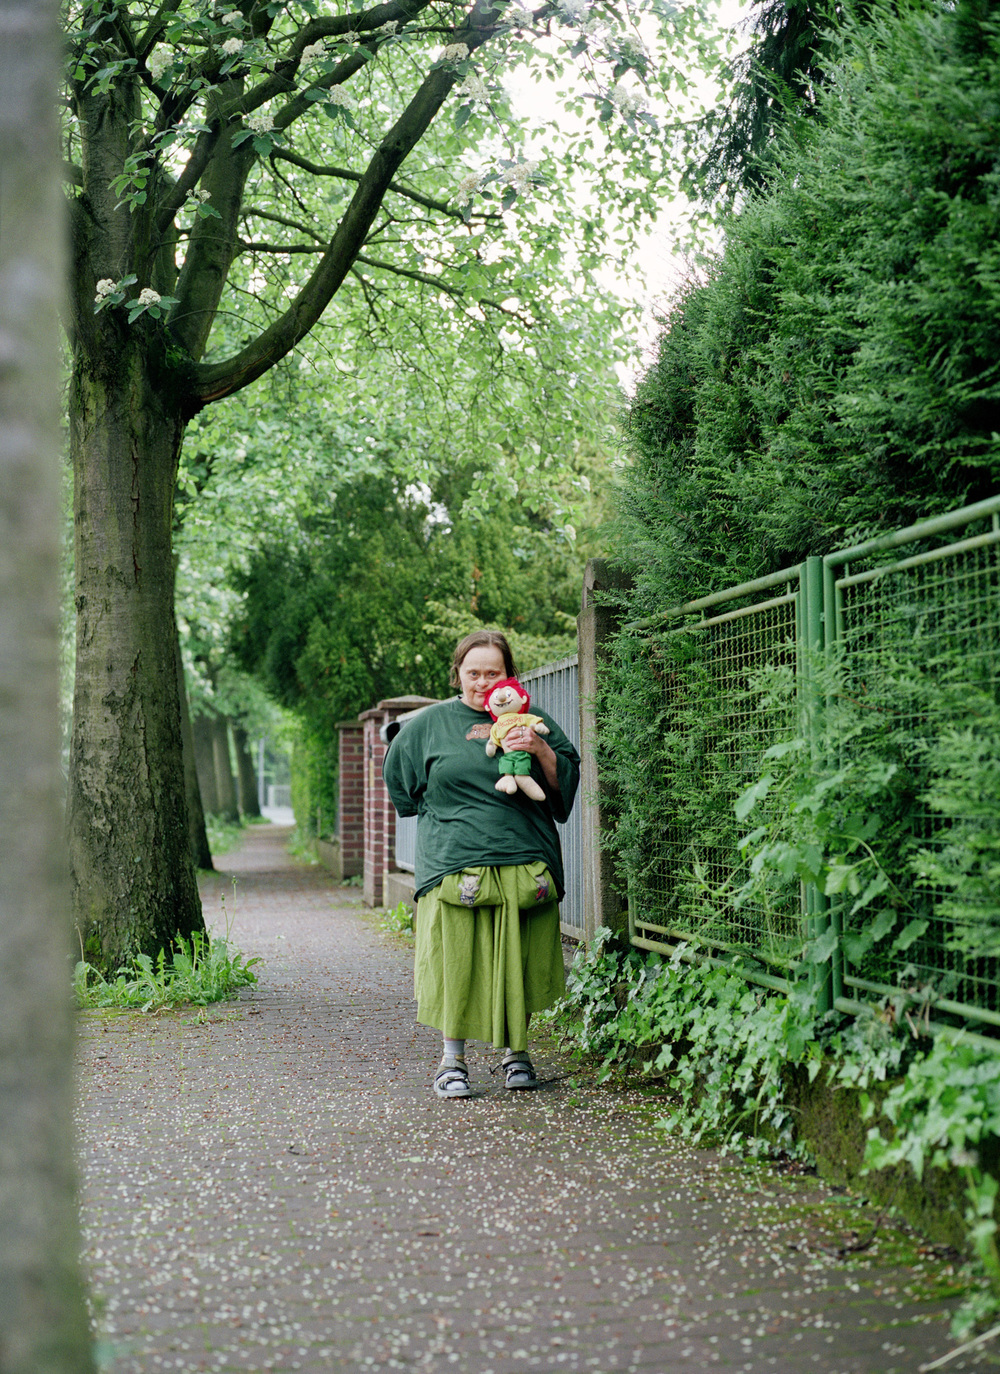 Eva-Maria Härtl